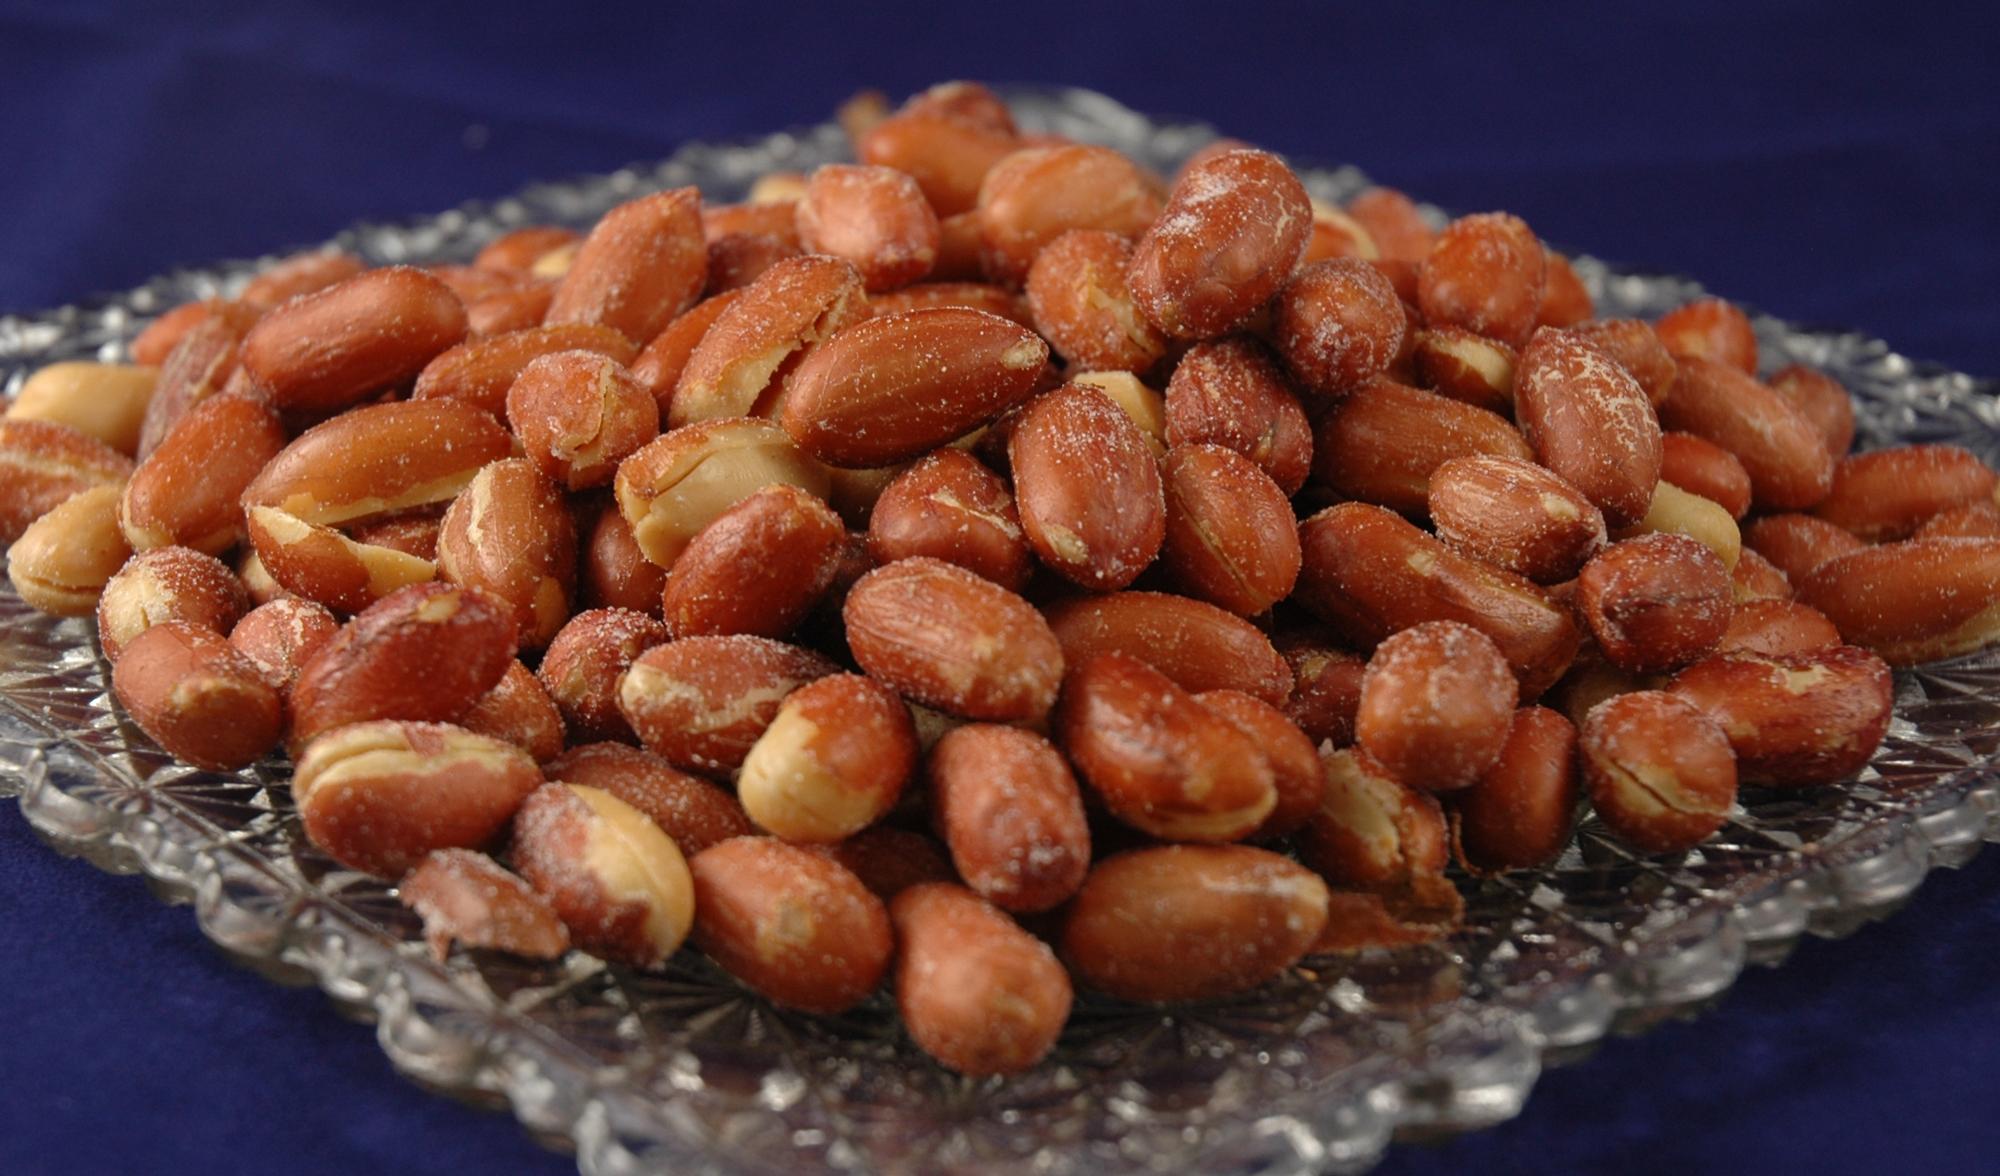 1 lb. Peanuts – Redskins Roasted & Salted – Ohio Peanut Shoppe